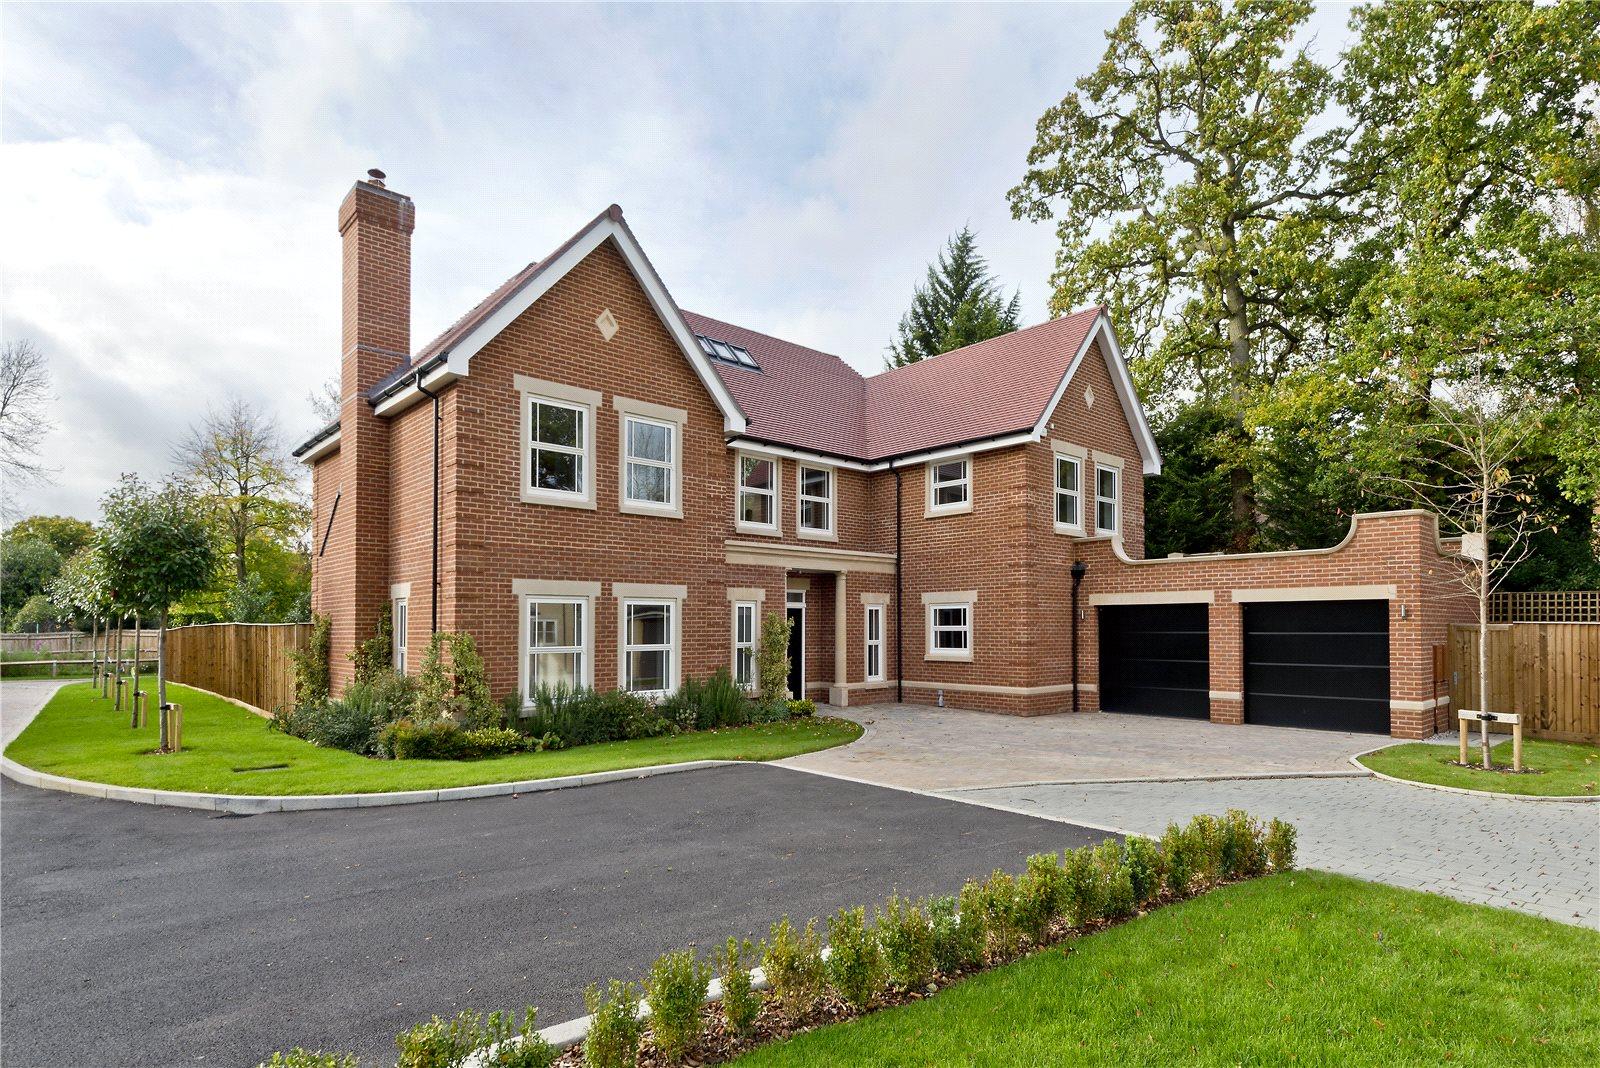 一戸建て のために 売買 アット Glade In The Spinney, Gerrards Cross, Buckinghamshire, SL9 Gerrards Cross, イギリス